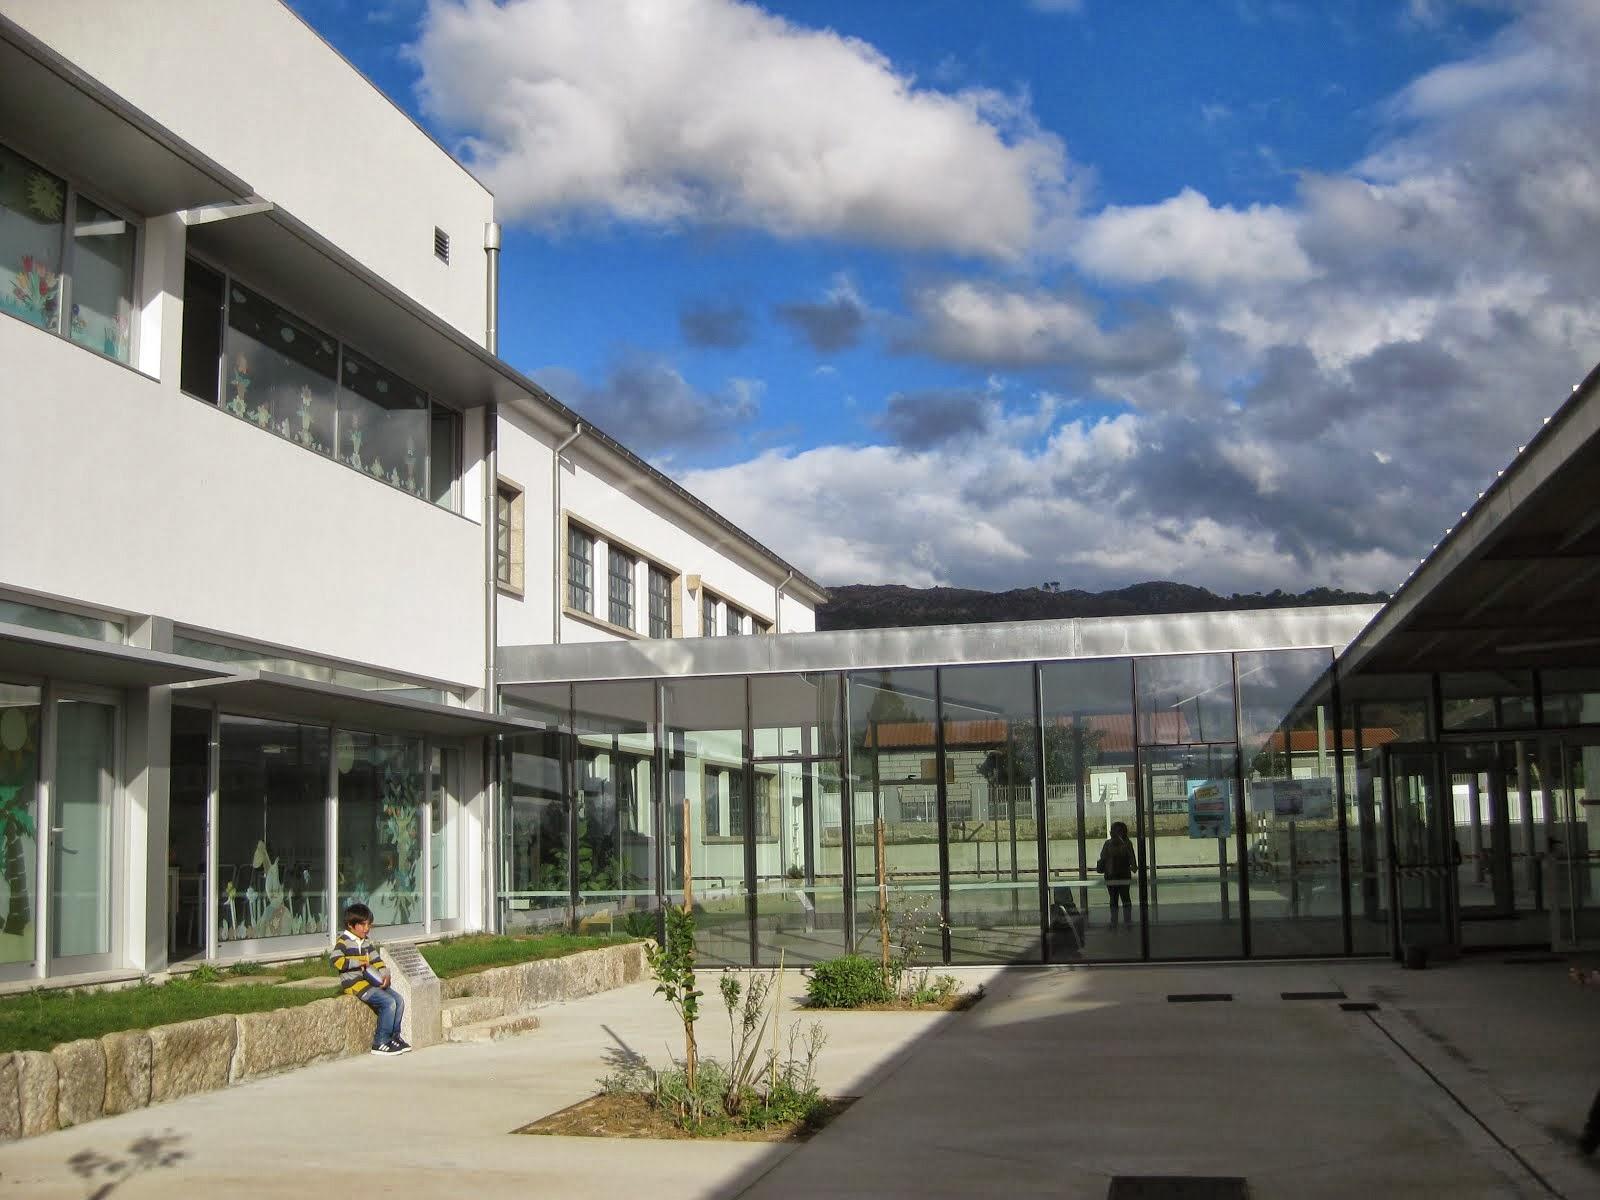 Já passou um ano que o novo centro escolar foi inaugurado - 23 de outubro